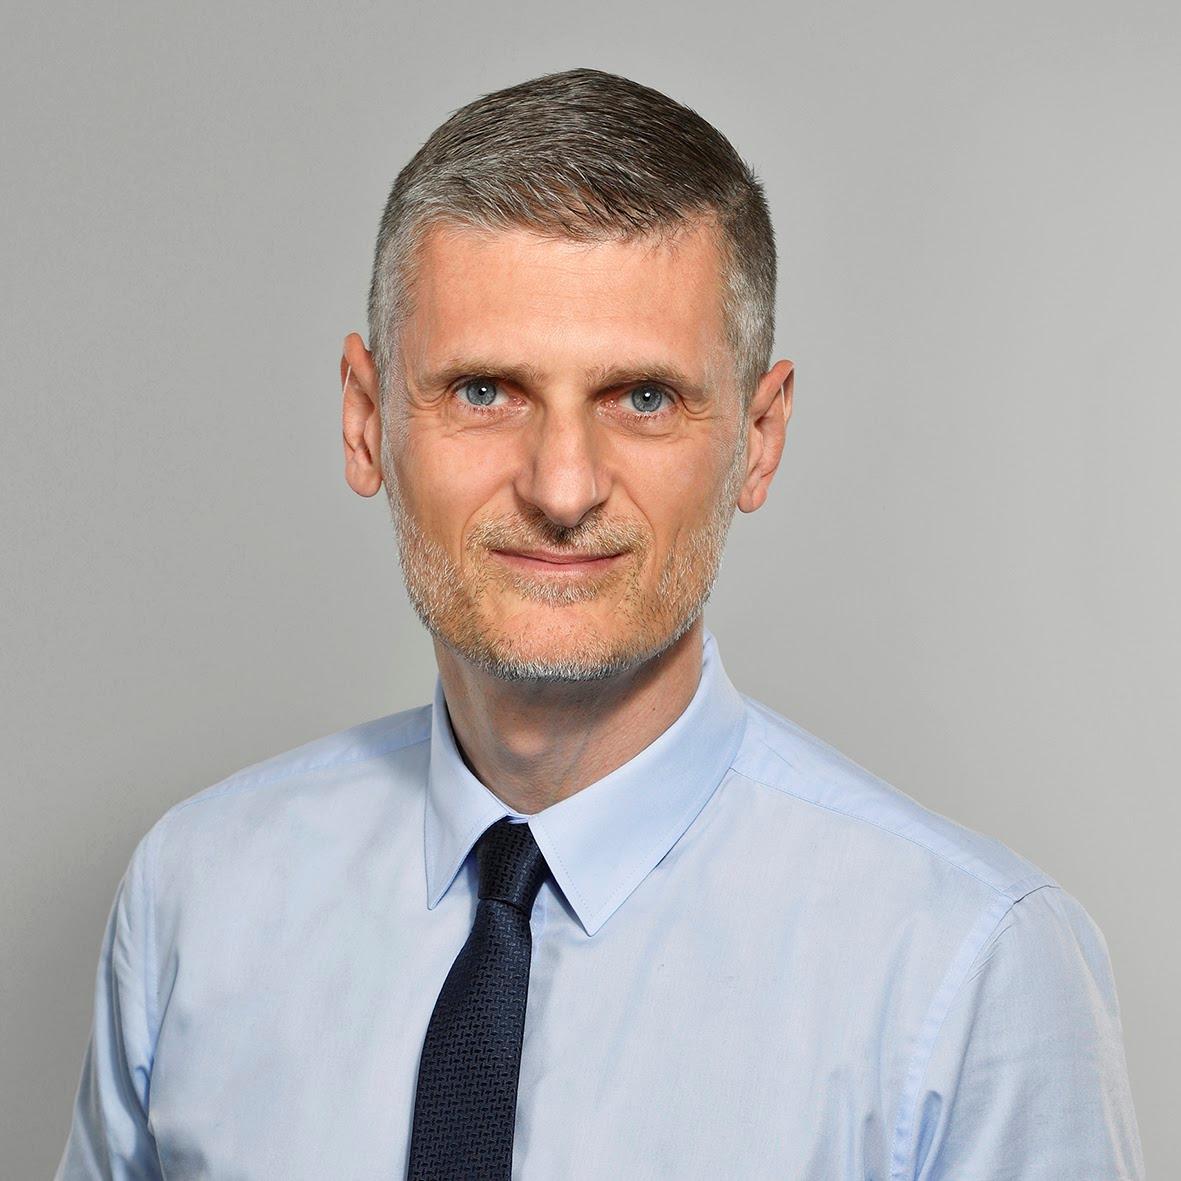 Fabrice Flet rejoint Kriptown en tant que Directeur Général